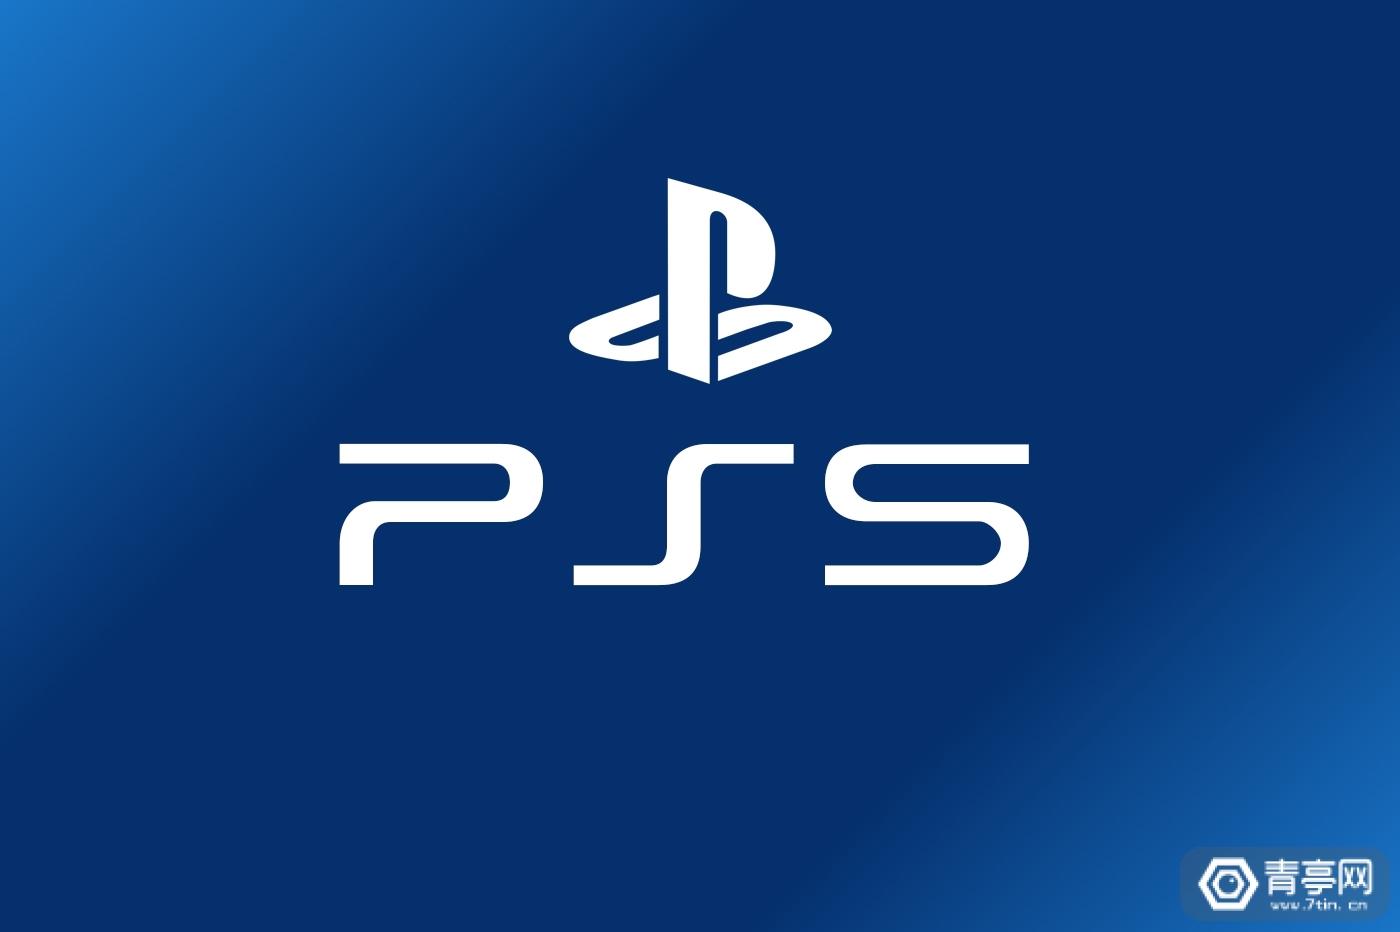 一文看懂PS5/Xbox Series X规格,内置3种模式向下兼容